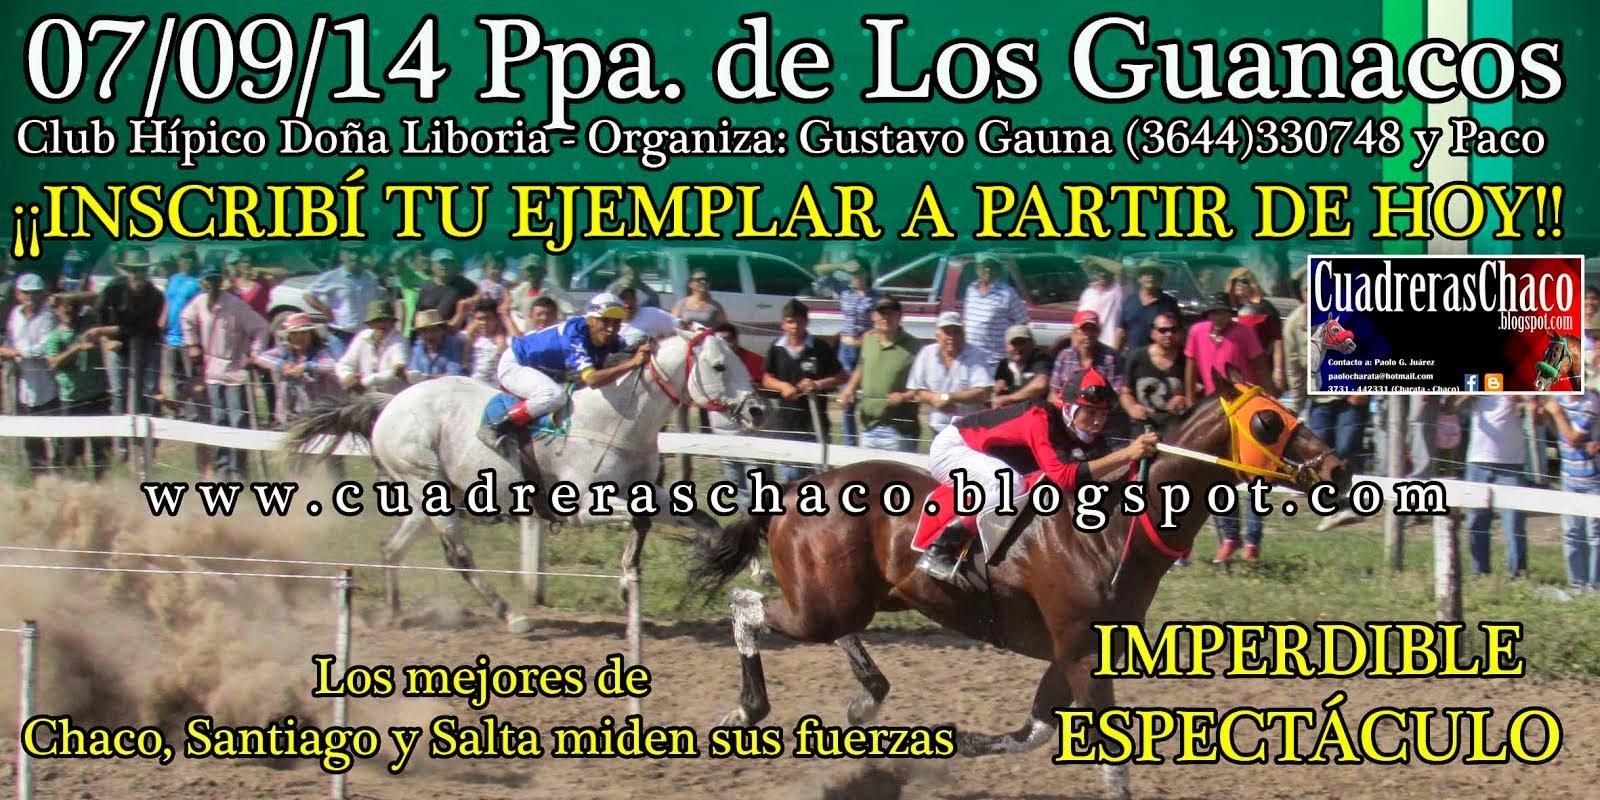 GUanacos 7-9